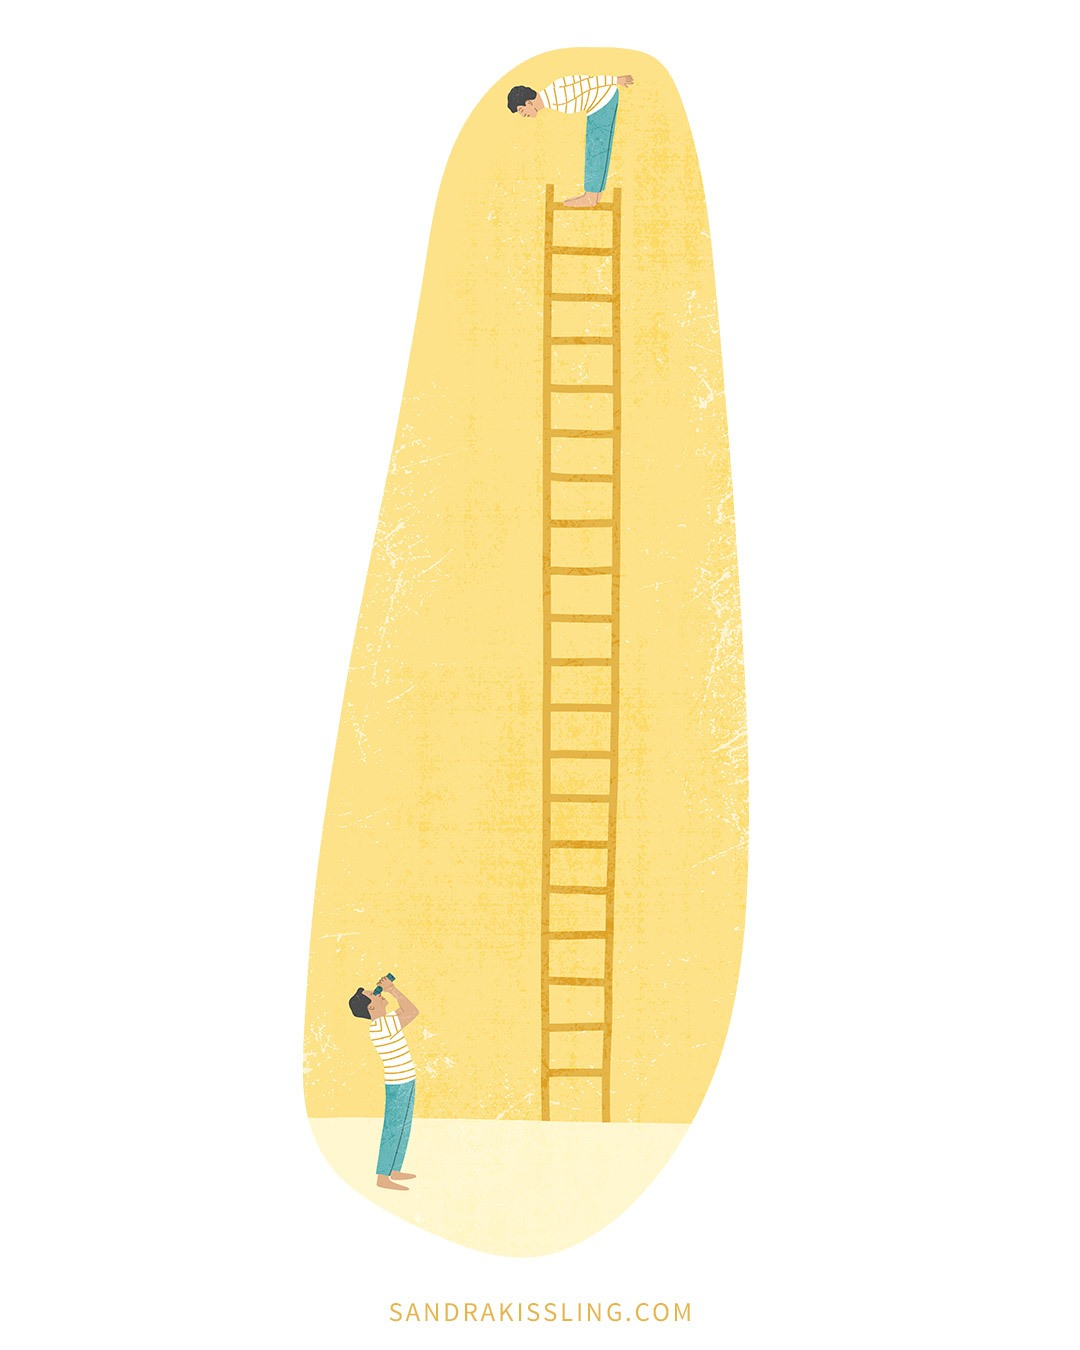 editorial-illustration-high.jpg